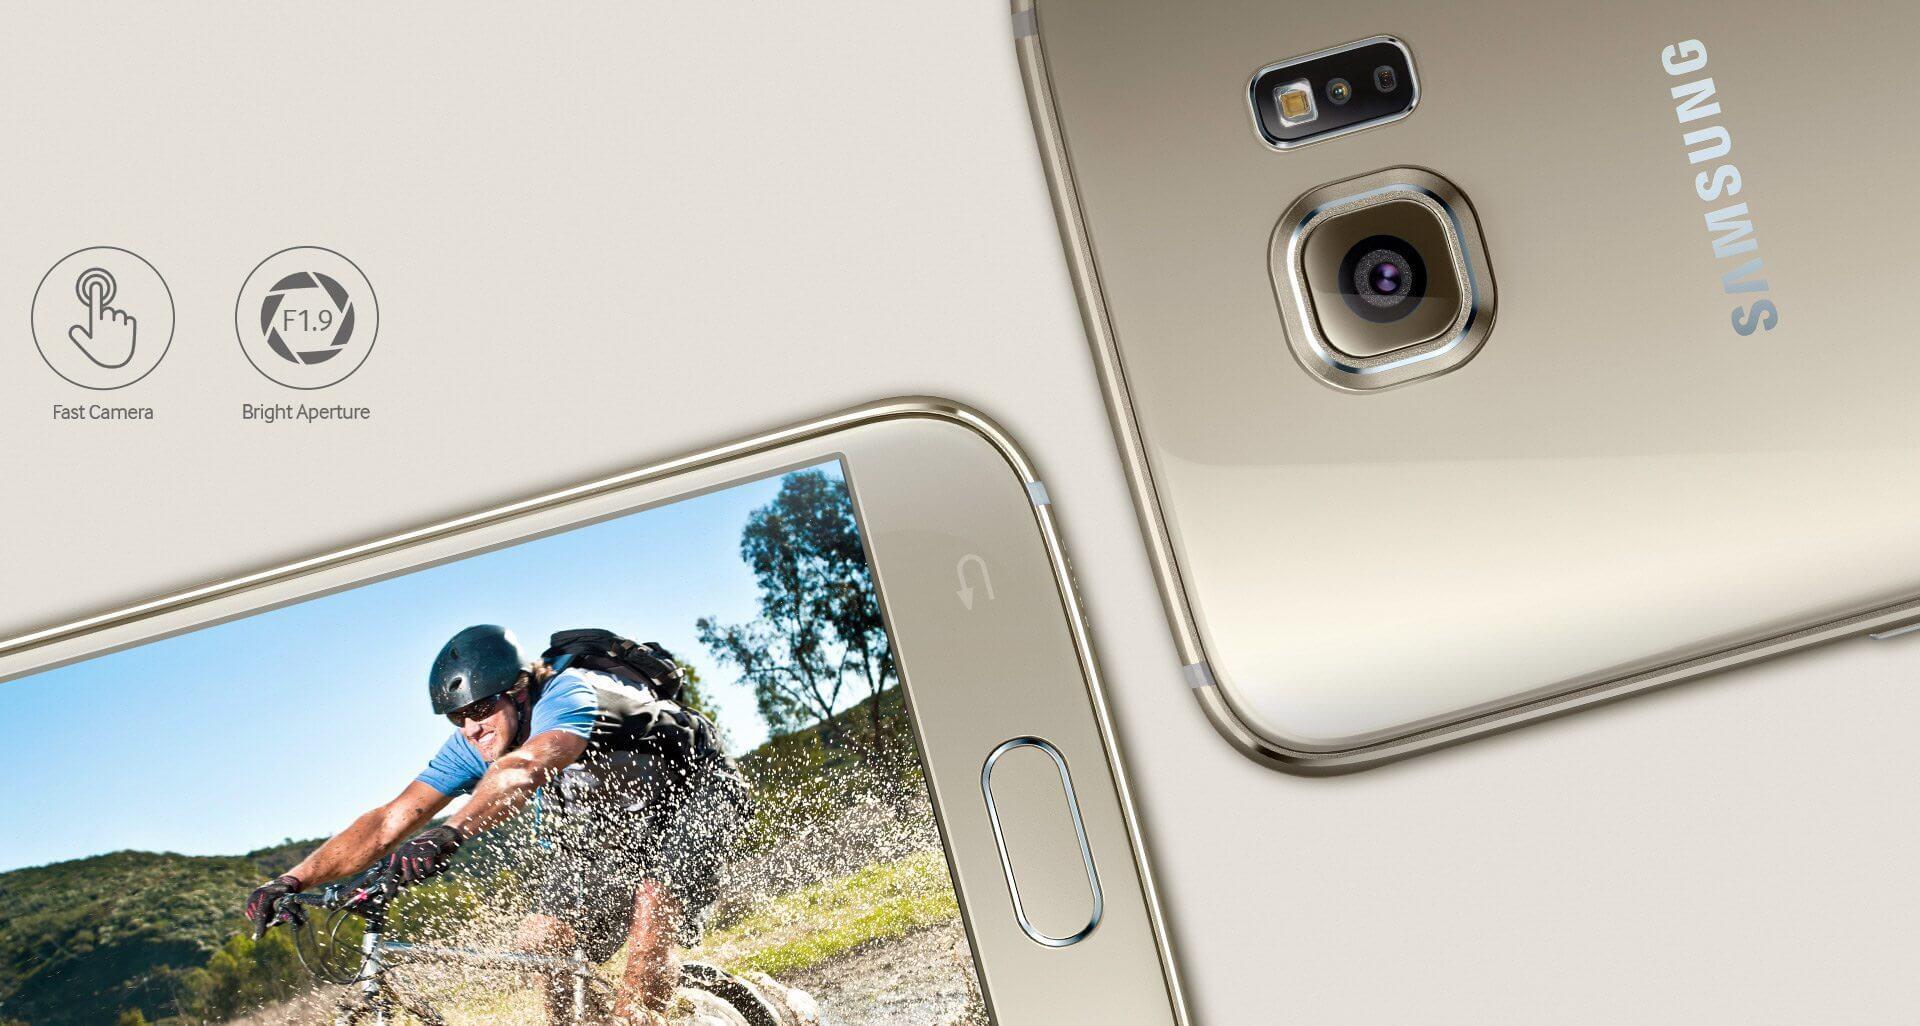 smt-Samsung-Galaxy-S6-Camera